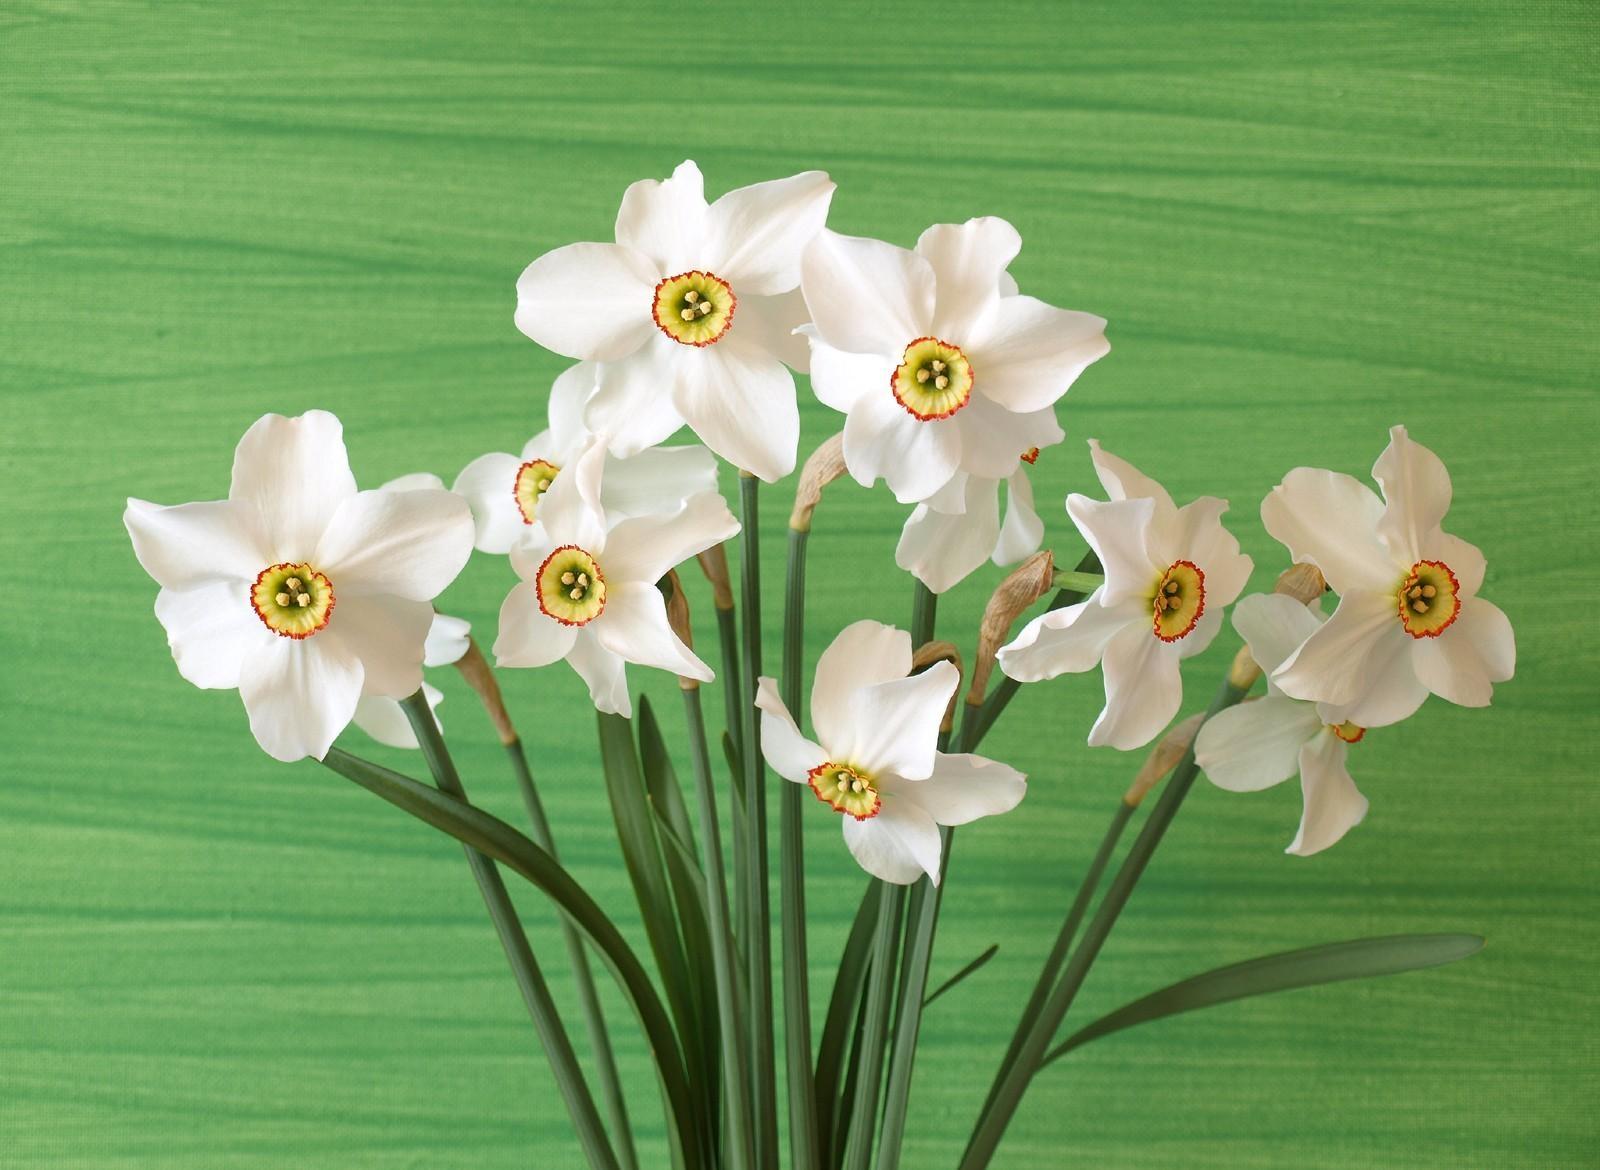 137026 Заставки и Обои Нарциссы на телефон. Скачать Цветы, Фон, Нарциссы, Букет, Весна картинки бесплатно